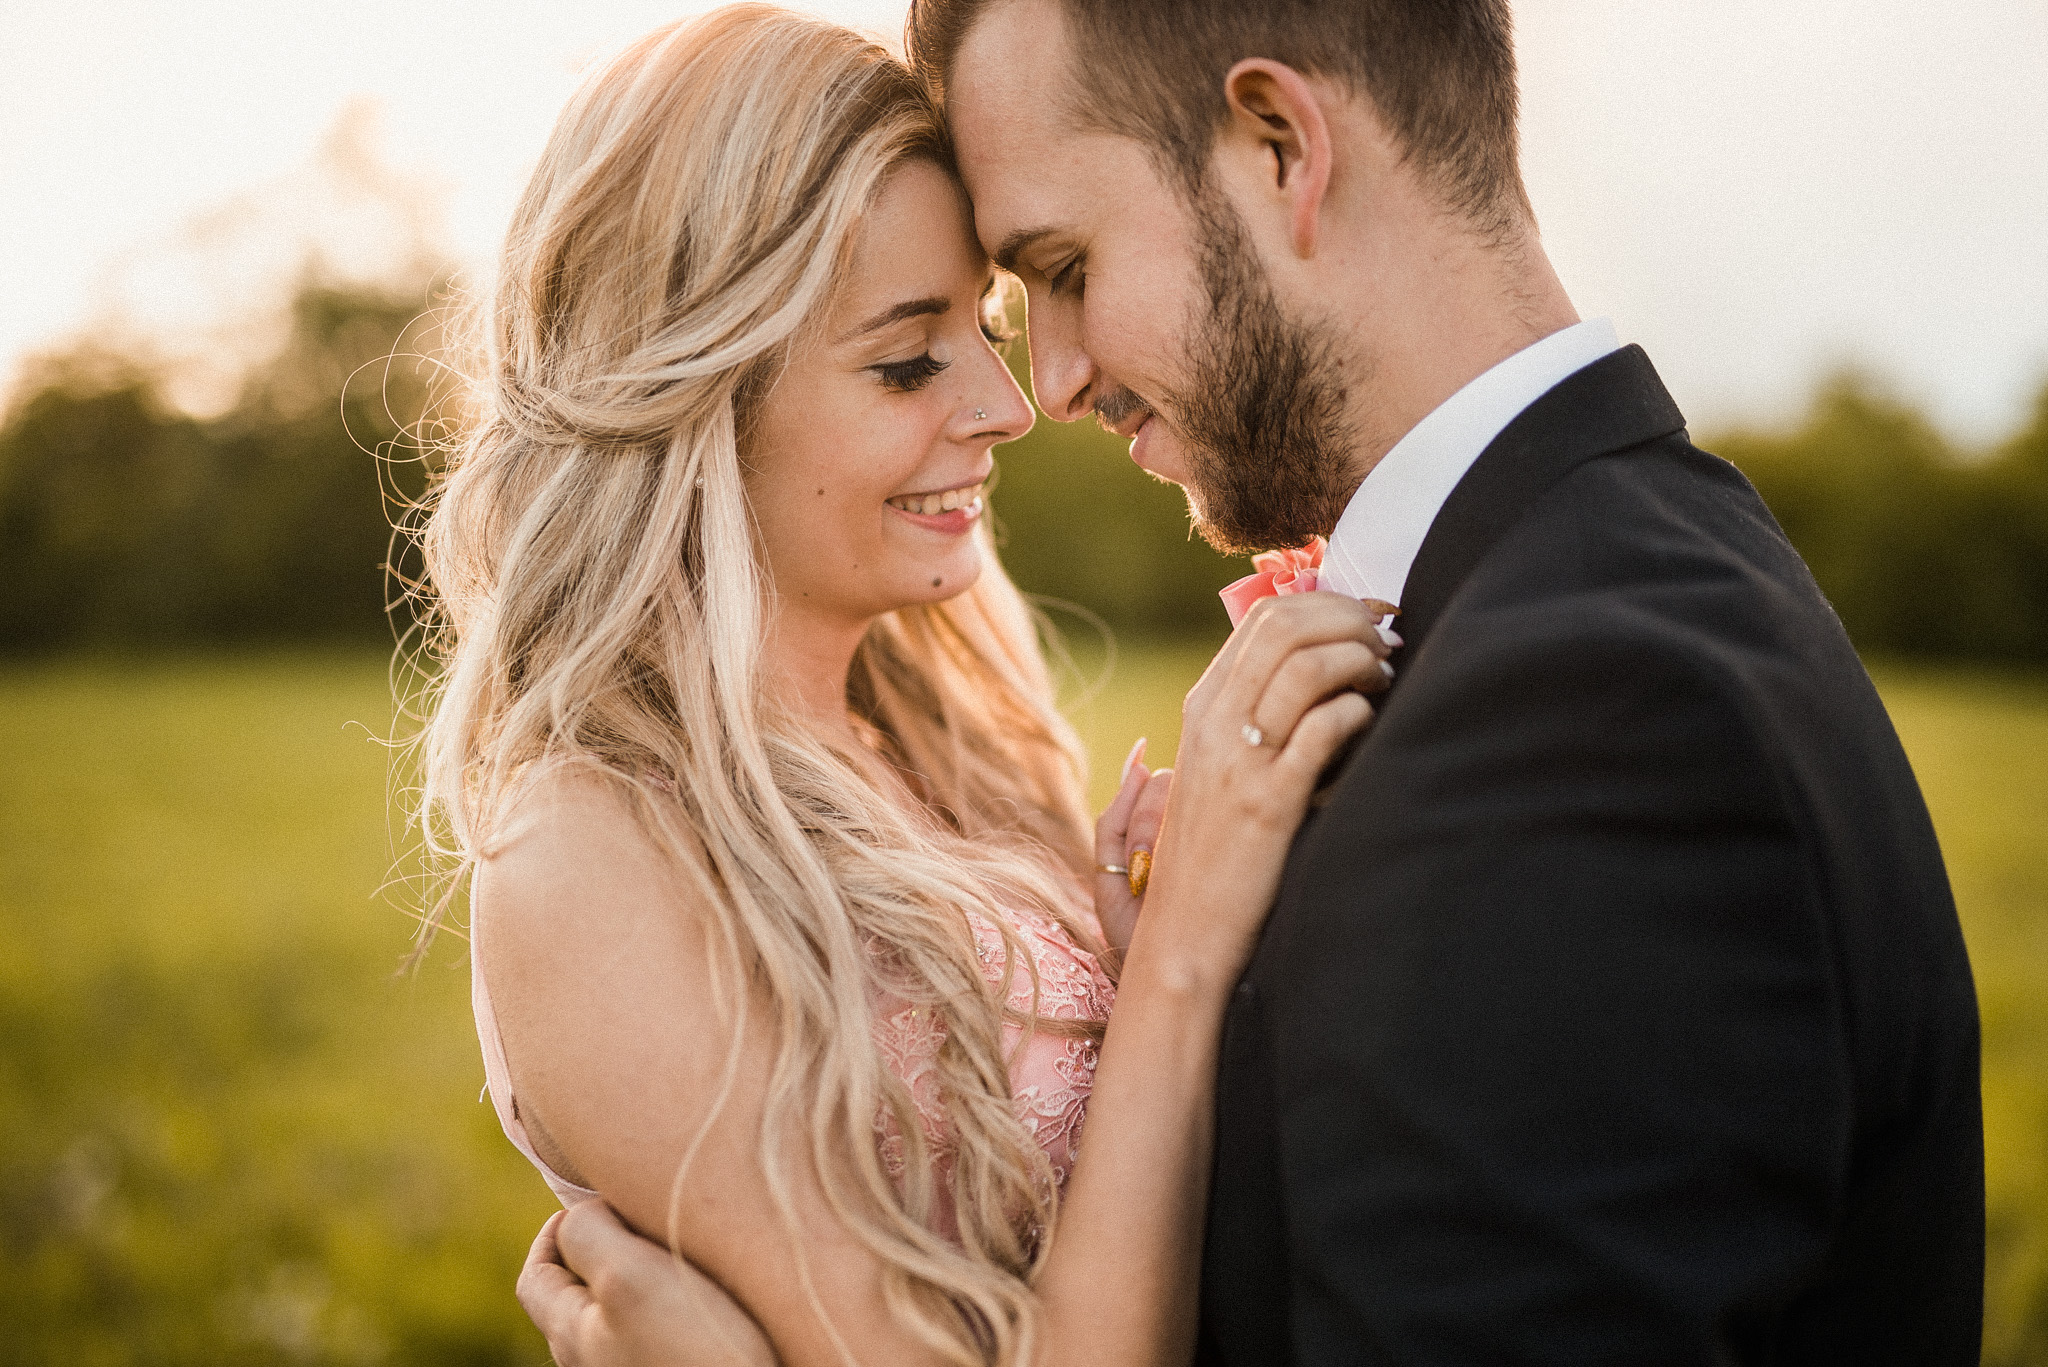 láska, pár, detail, úsmev